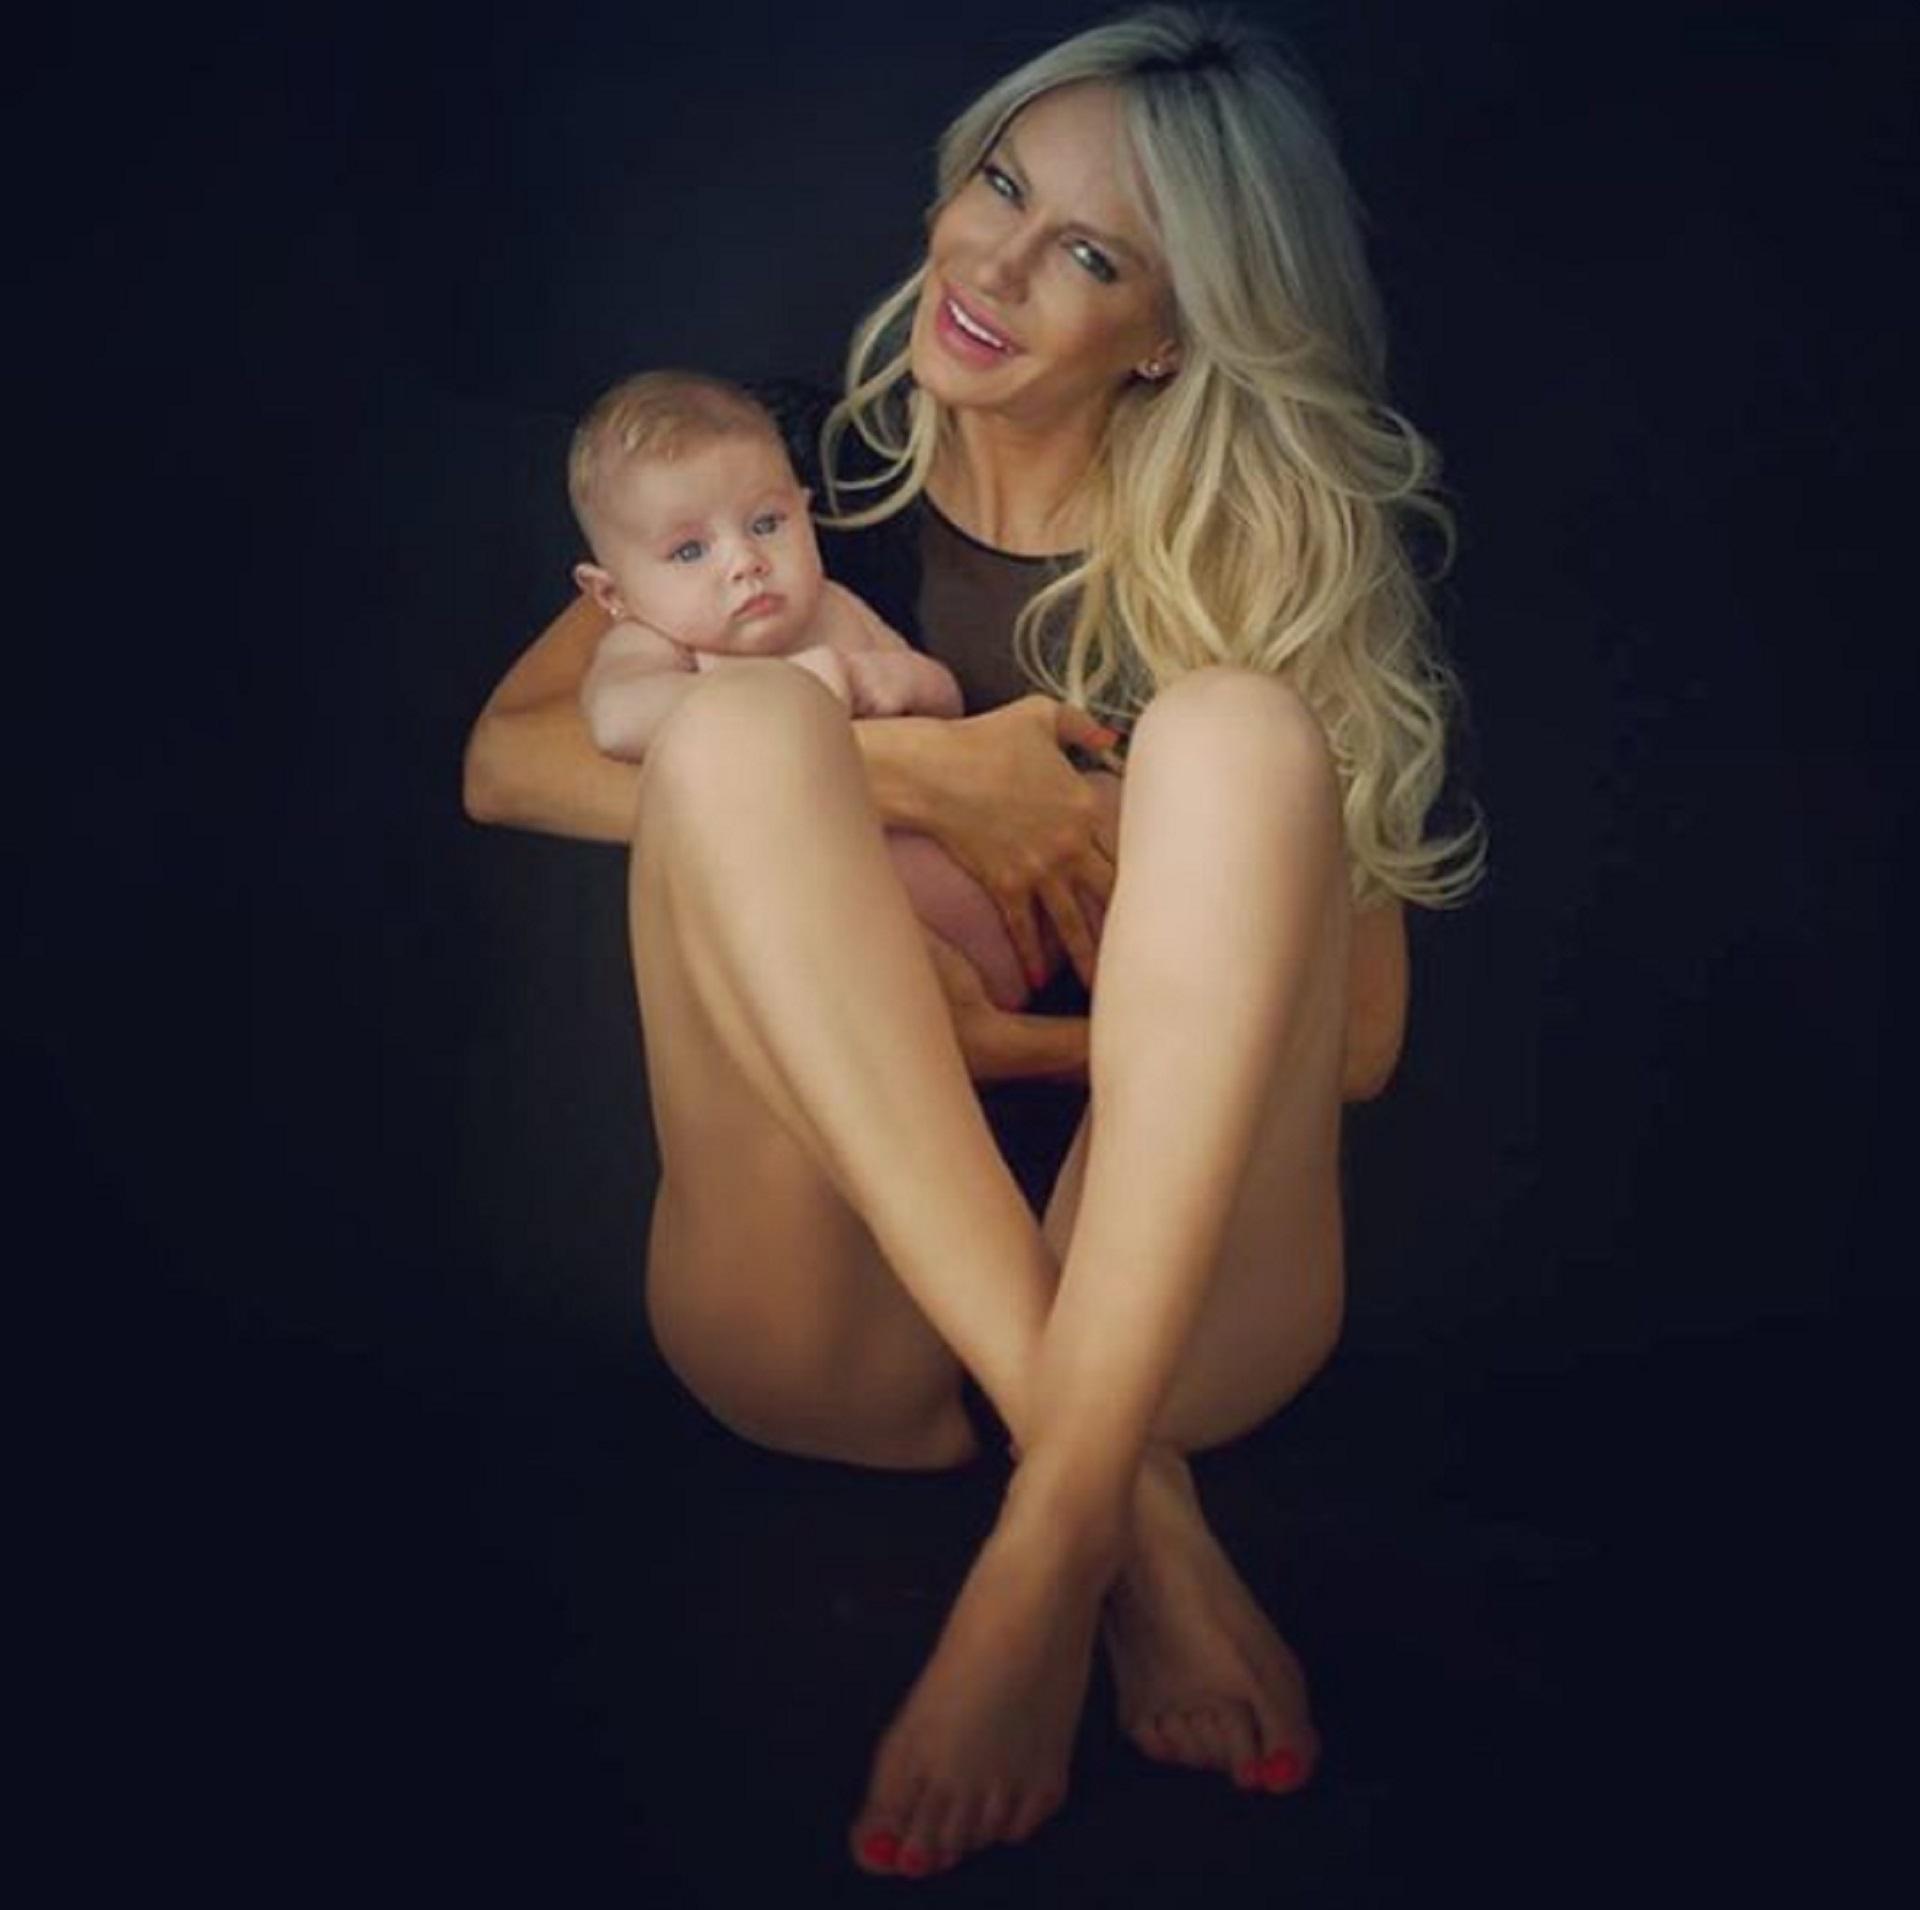 El 15 de diciembre del 2017, llegó Matilda, la hija de Luciana Salazar. La beba nació en Miami, en los Estados Unidos, con un peso de más de 4 kilos